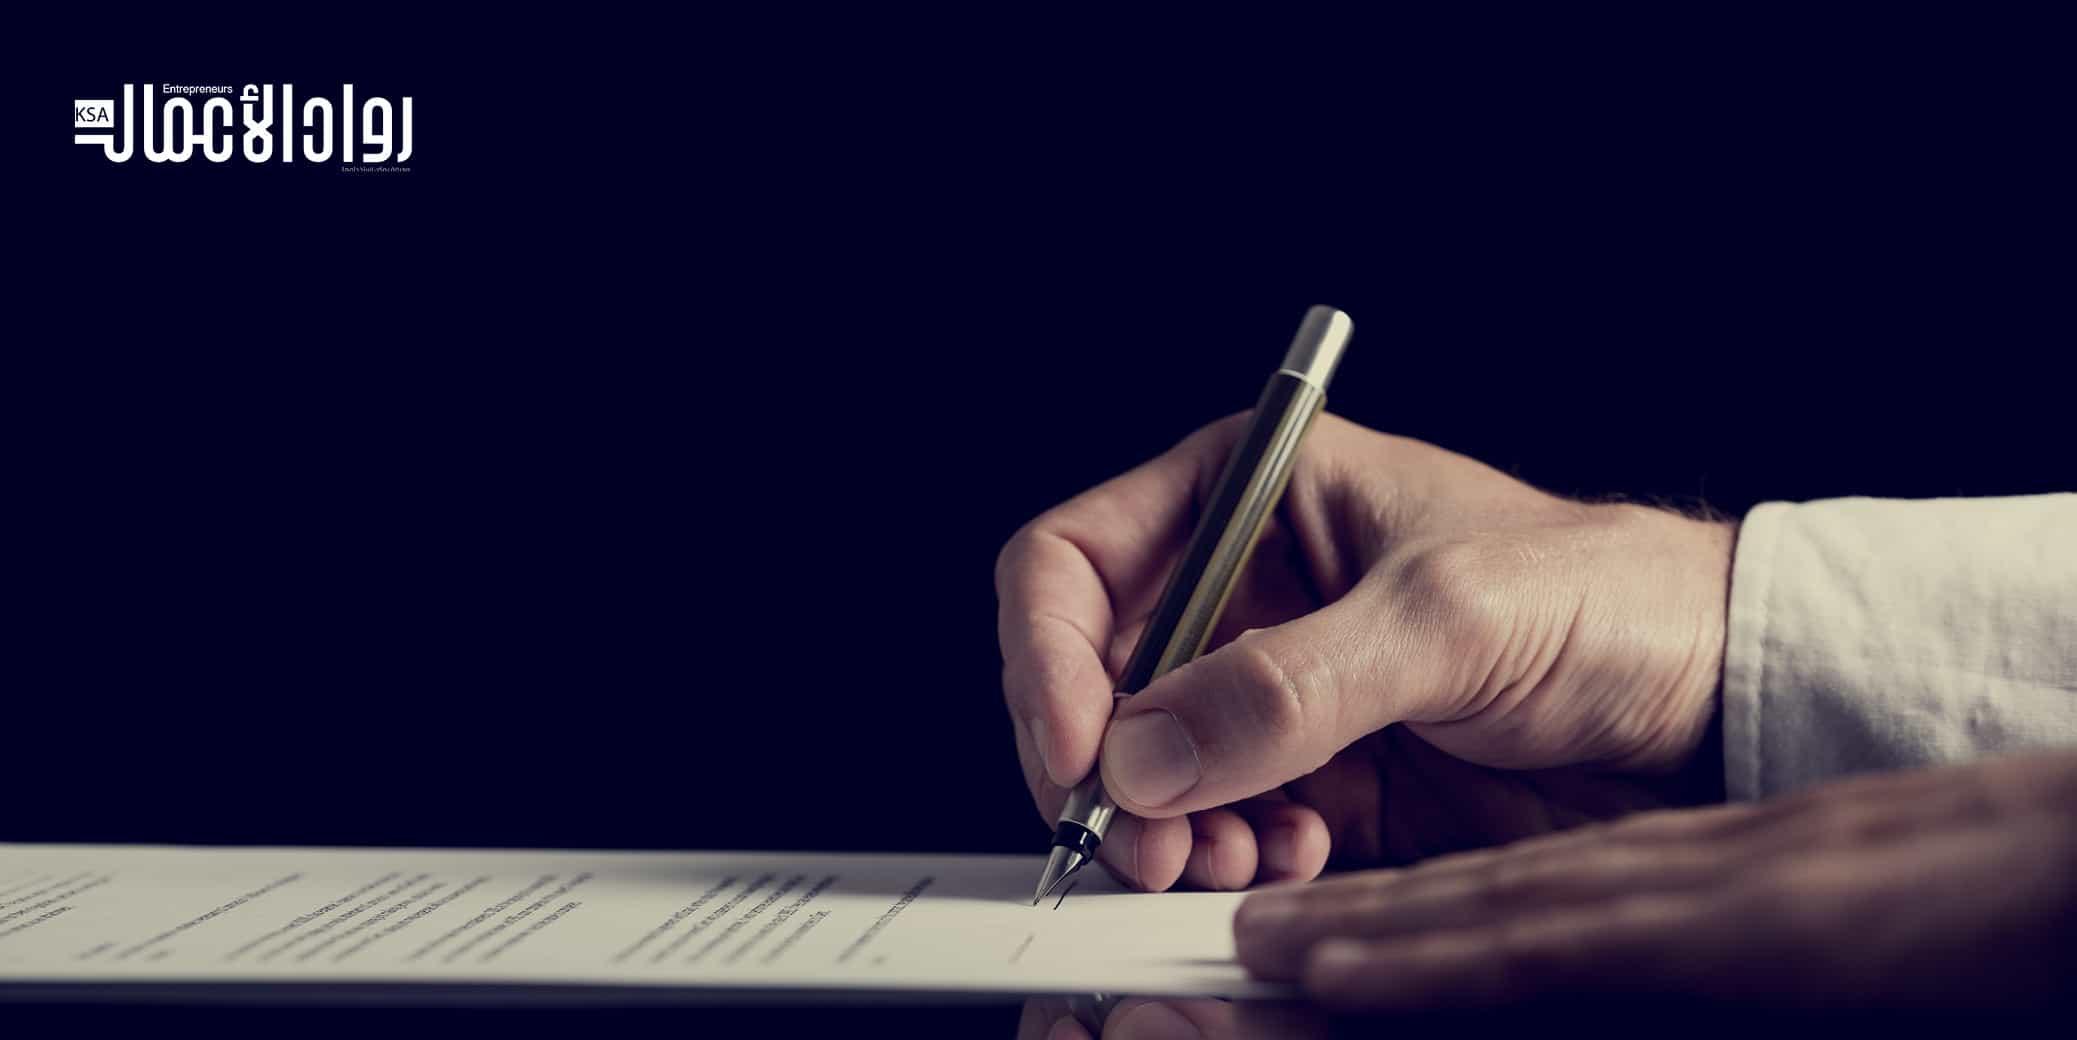 قبل التوقيع على أي عقد